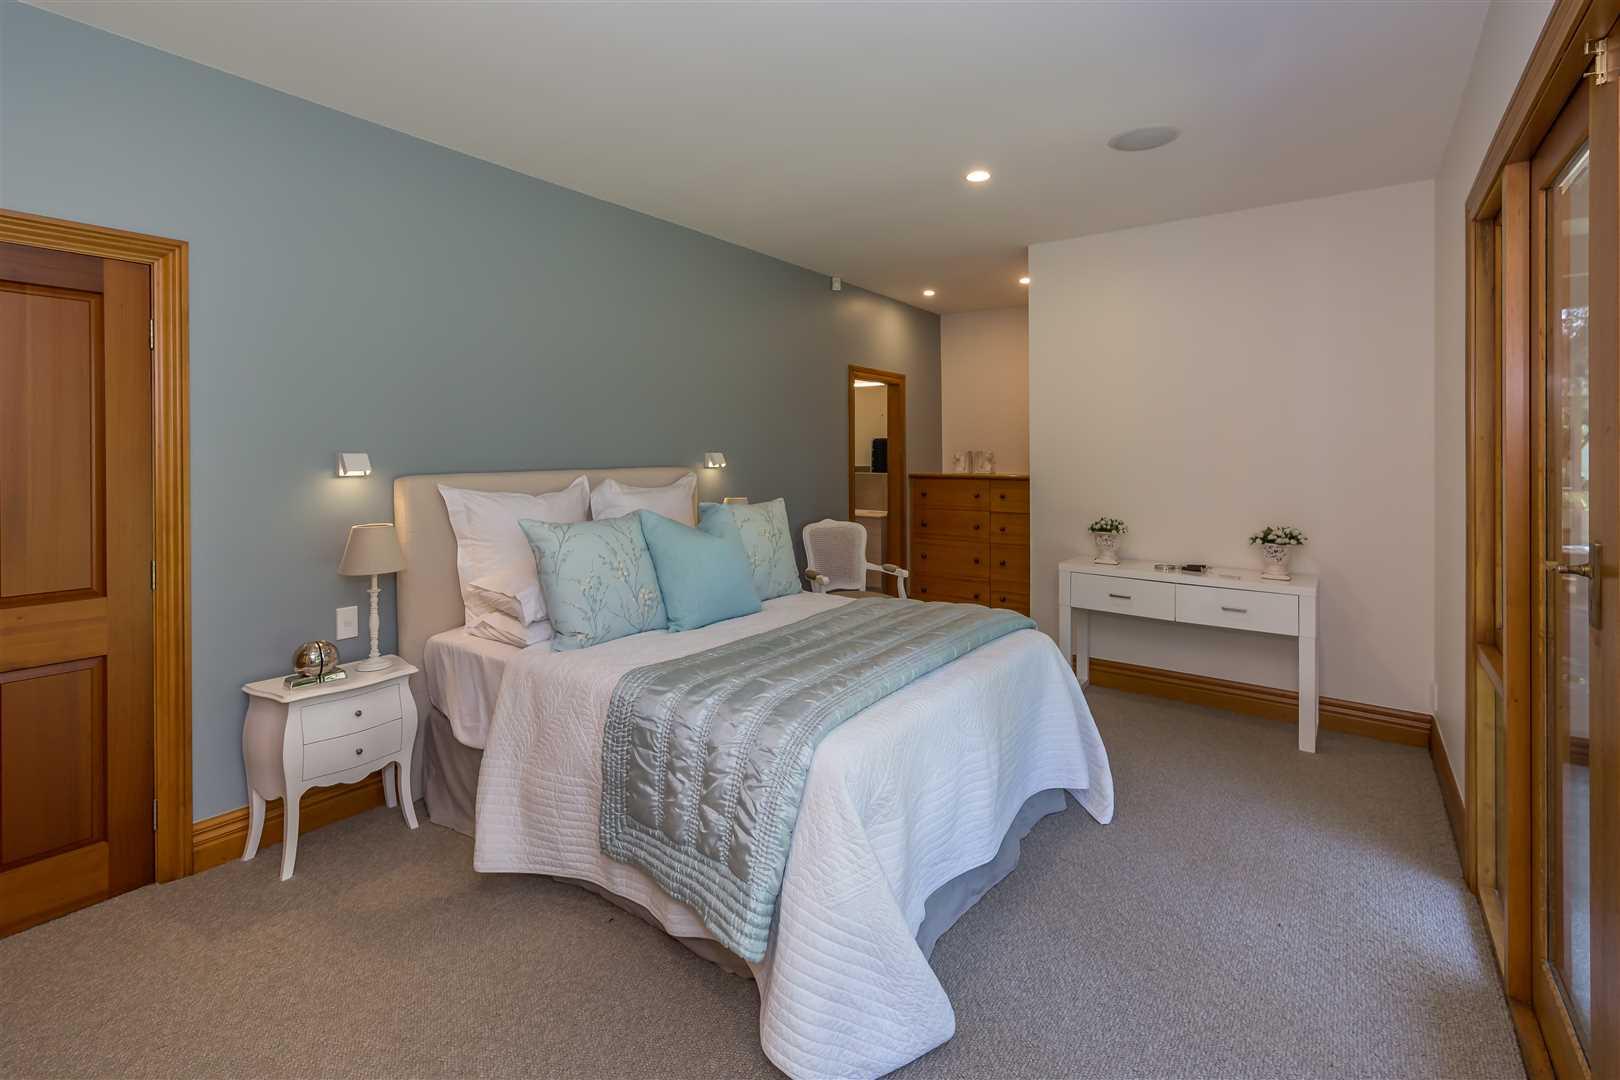 Bedroom 1 with ensuite, walk in wardrobe, patio access